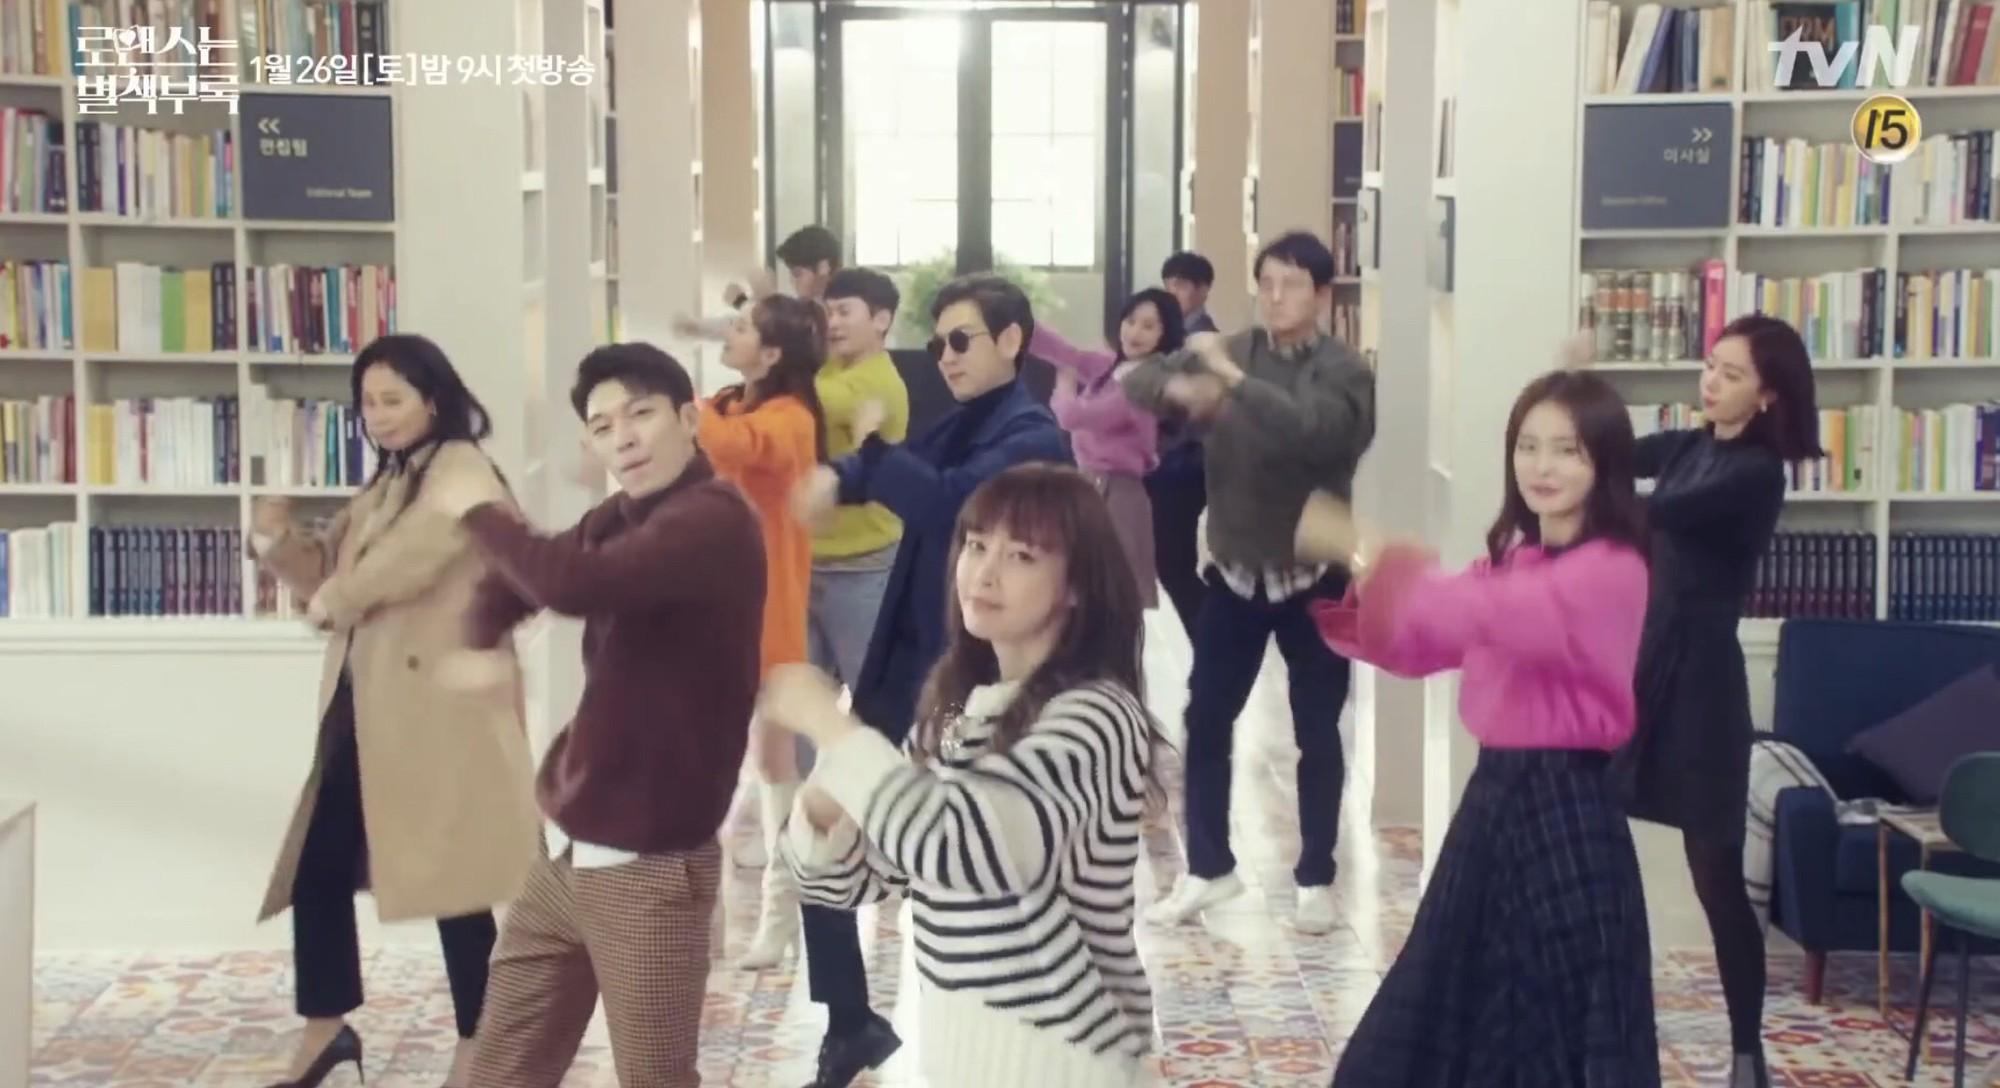 Vợ mỹ nhân của Won Bin ở tuổi U40 vẫn nhún nhảy tưng bừng ăn đứt Lee Jong Suk - Ảnh 2.